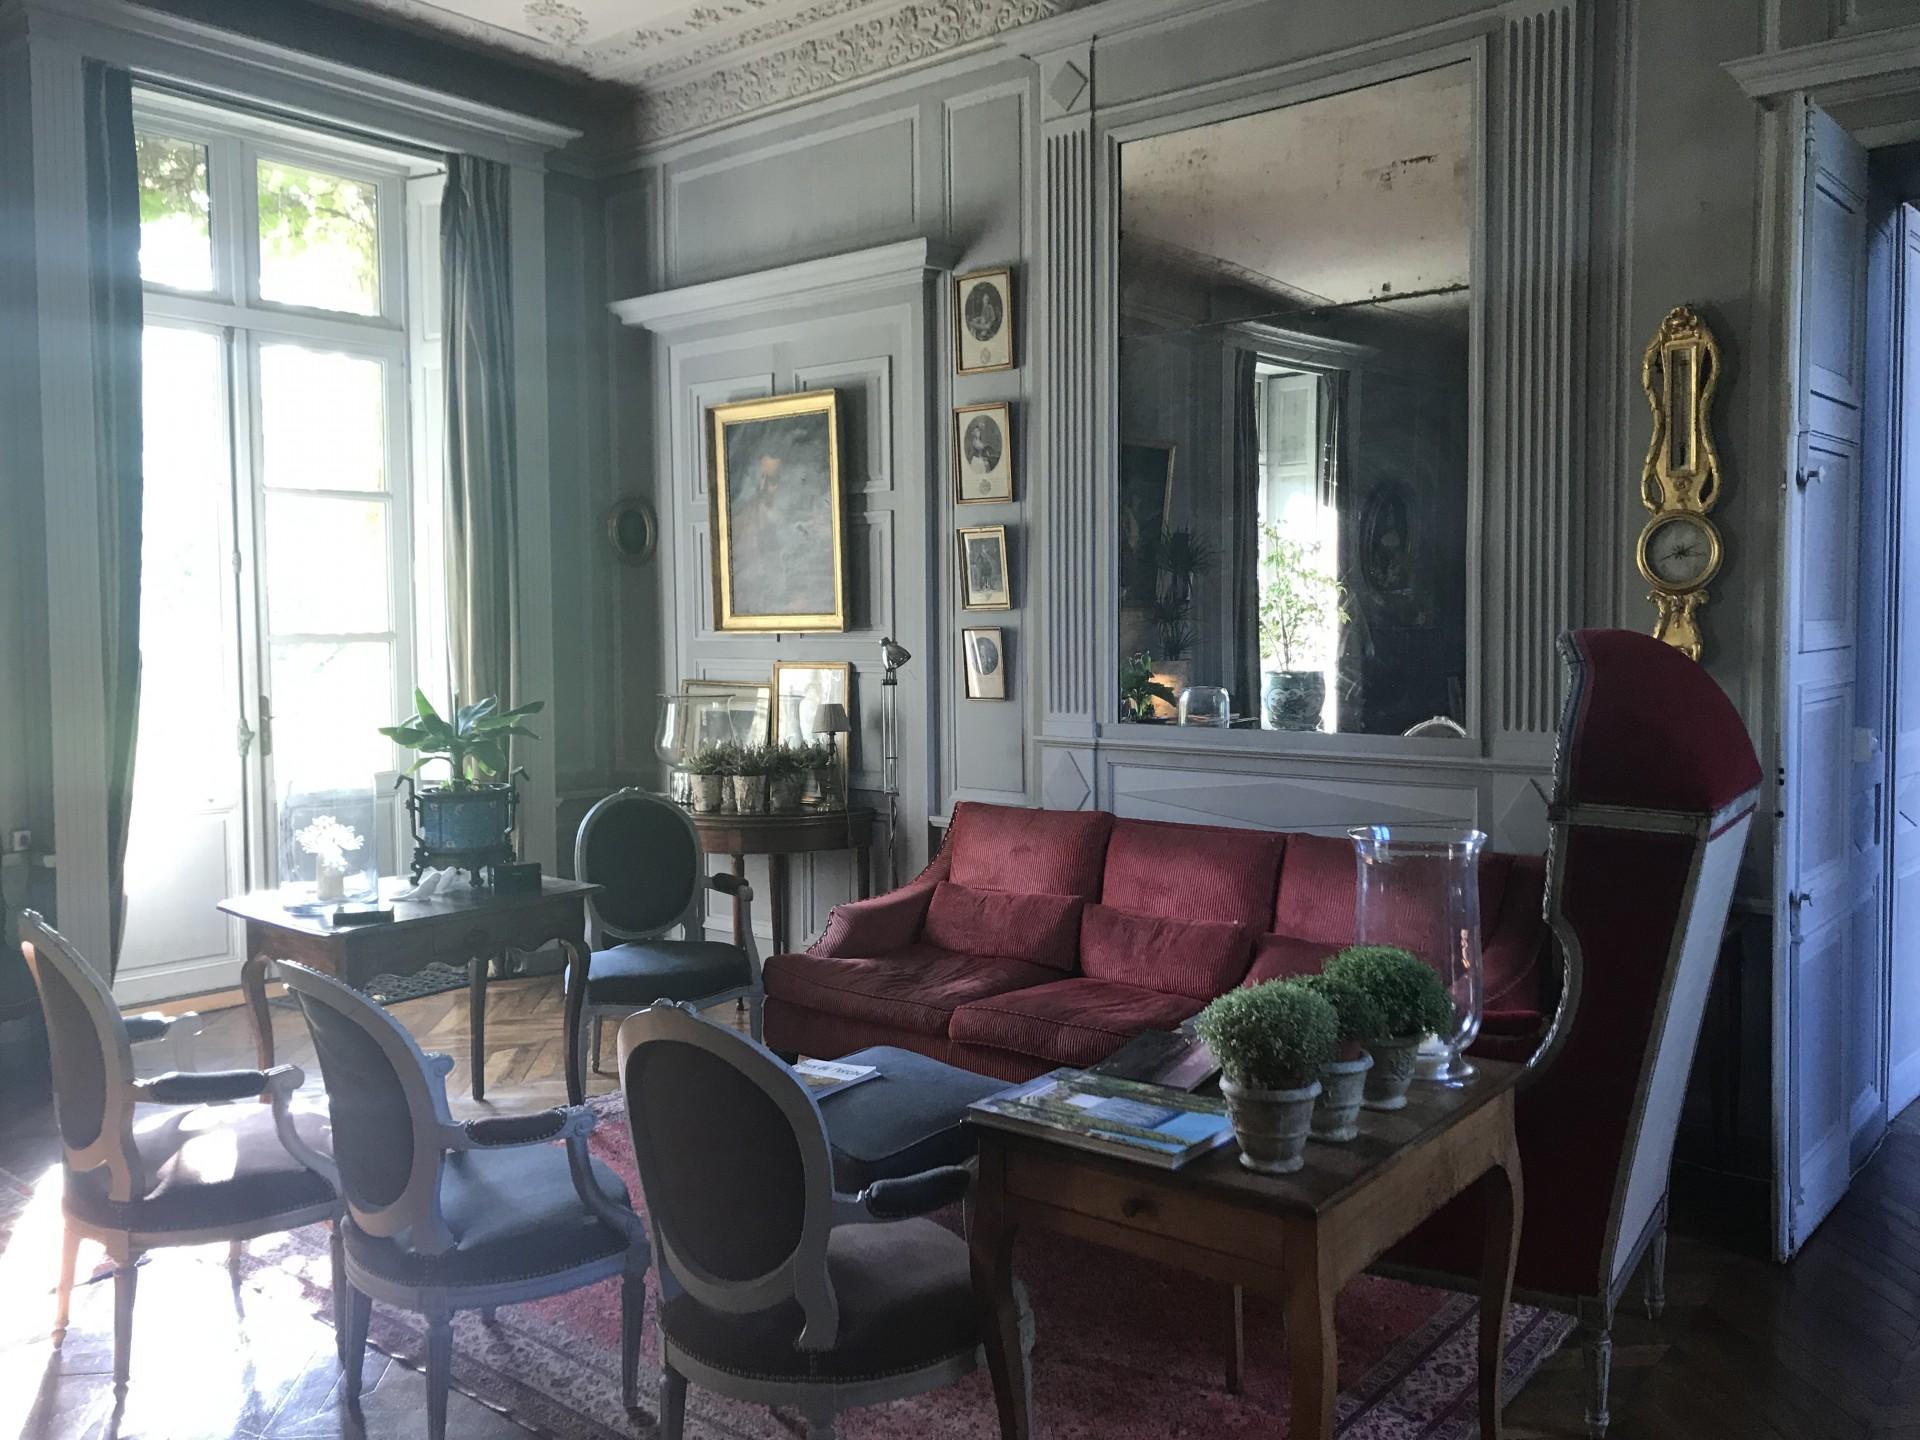 livingroom_guestshouse_24h_lemans_castel